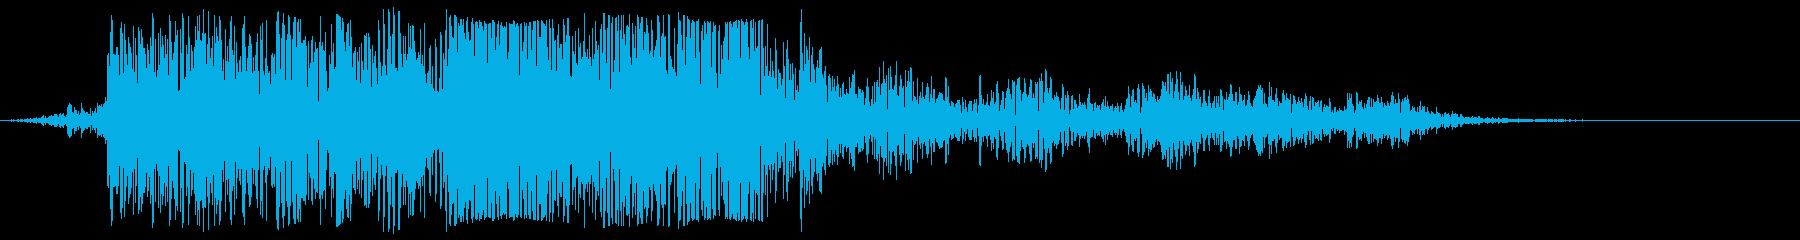 ラティリーメタルトレイスピン、フォリーの再生済みの波形